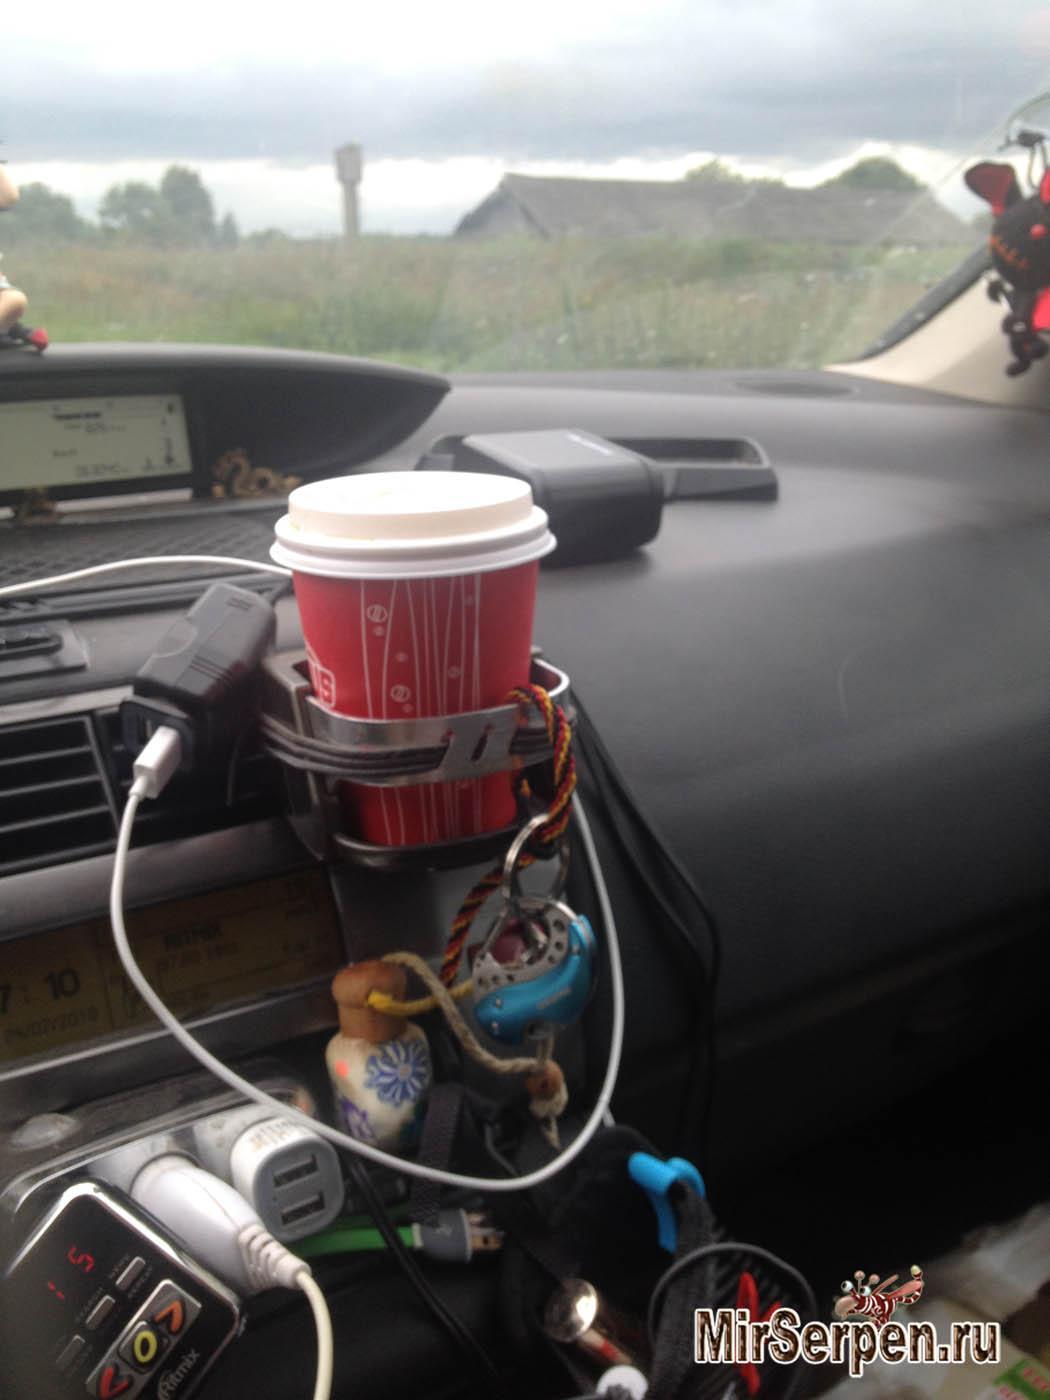 Кофе с собой в авто